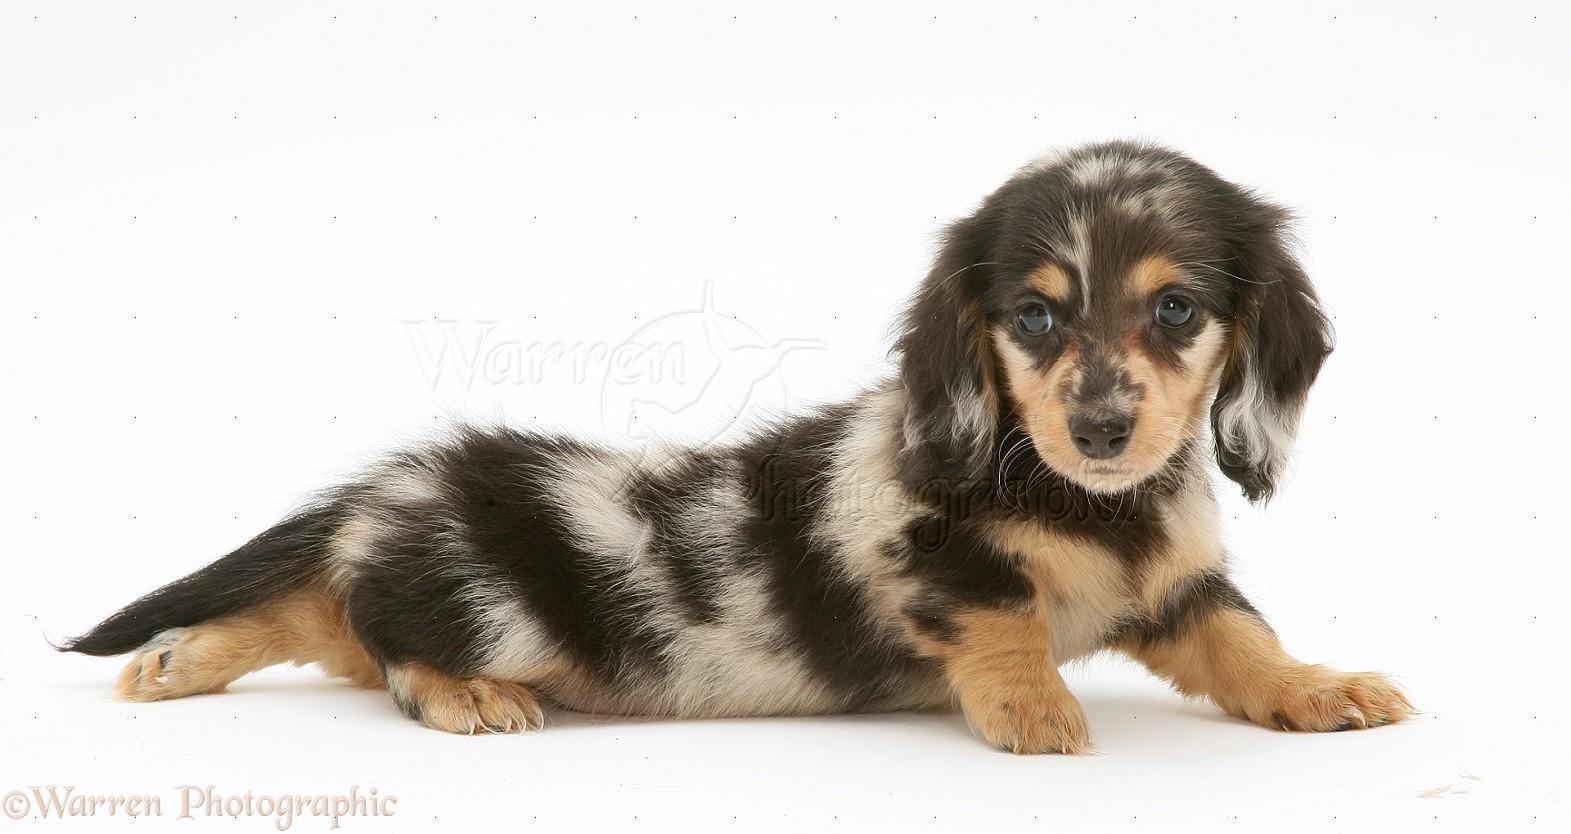 ... black and white dachshund puppies chocolate dapple dachshund puppies